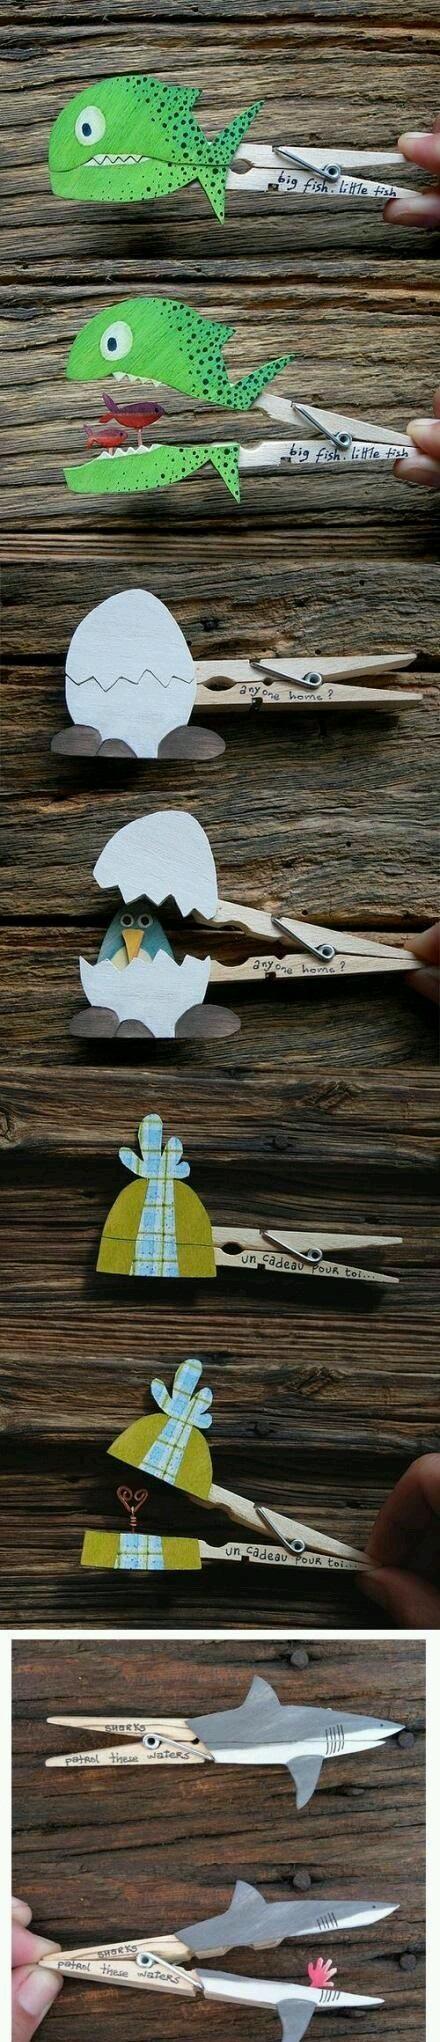 Mandaldan Çocuklar için Oyuncak Yapımı